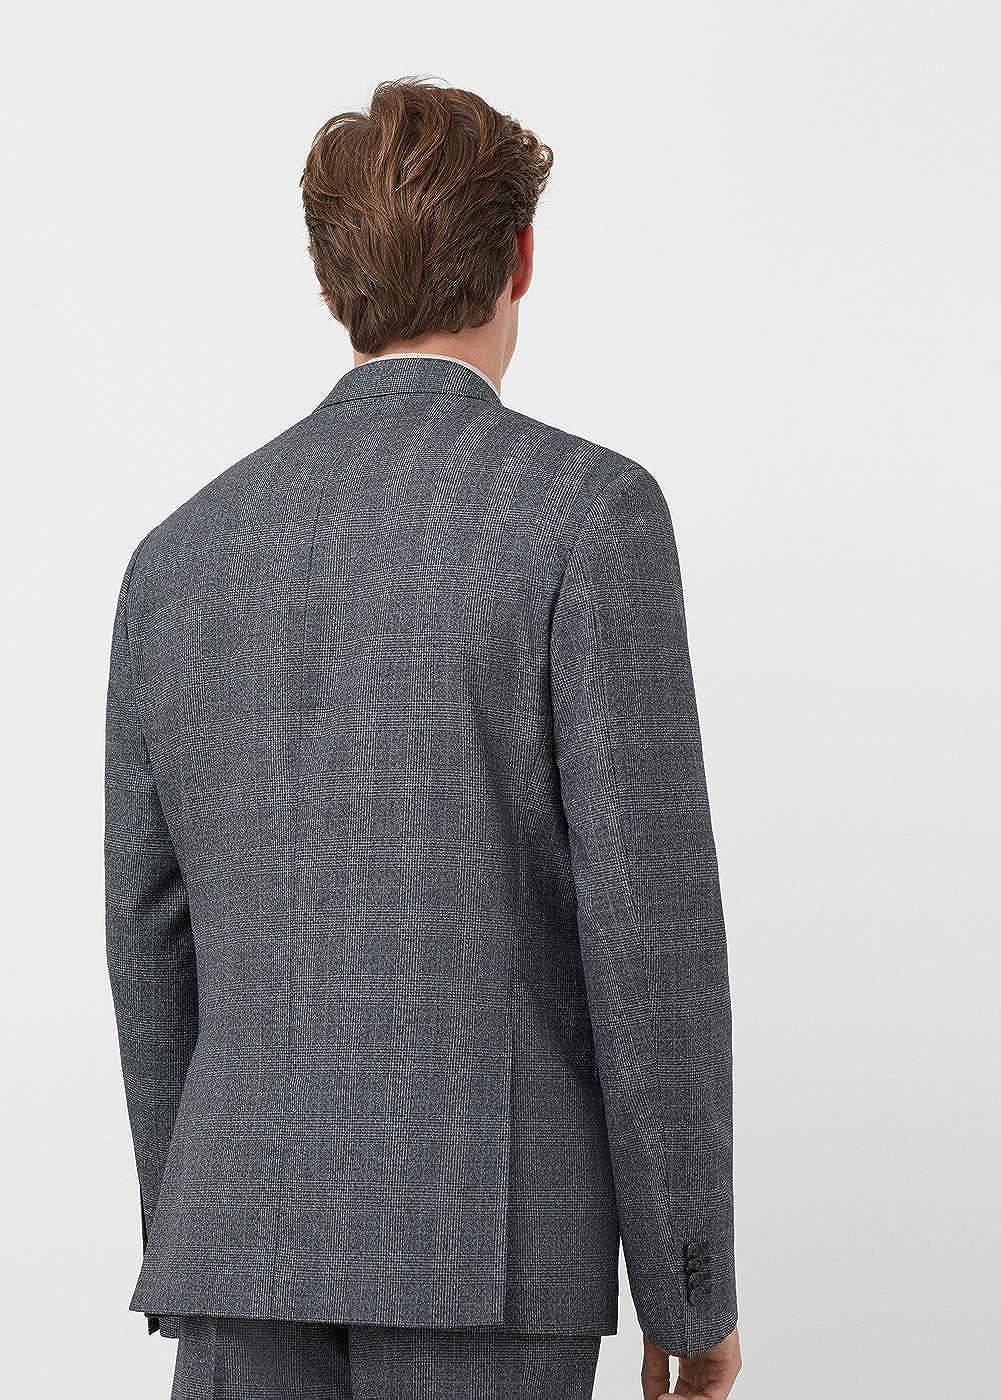 18f48455fc40 MANGO MAN - Veste de costume prince de Blazer Habillé galles - Taille 56 -  Couleur Gris chiné moyen  Amazon.fr  Vêtements et accessoires